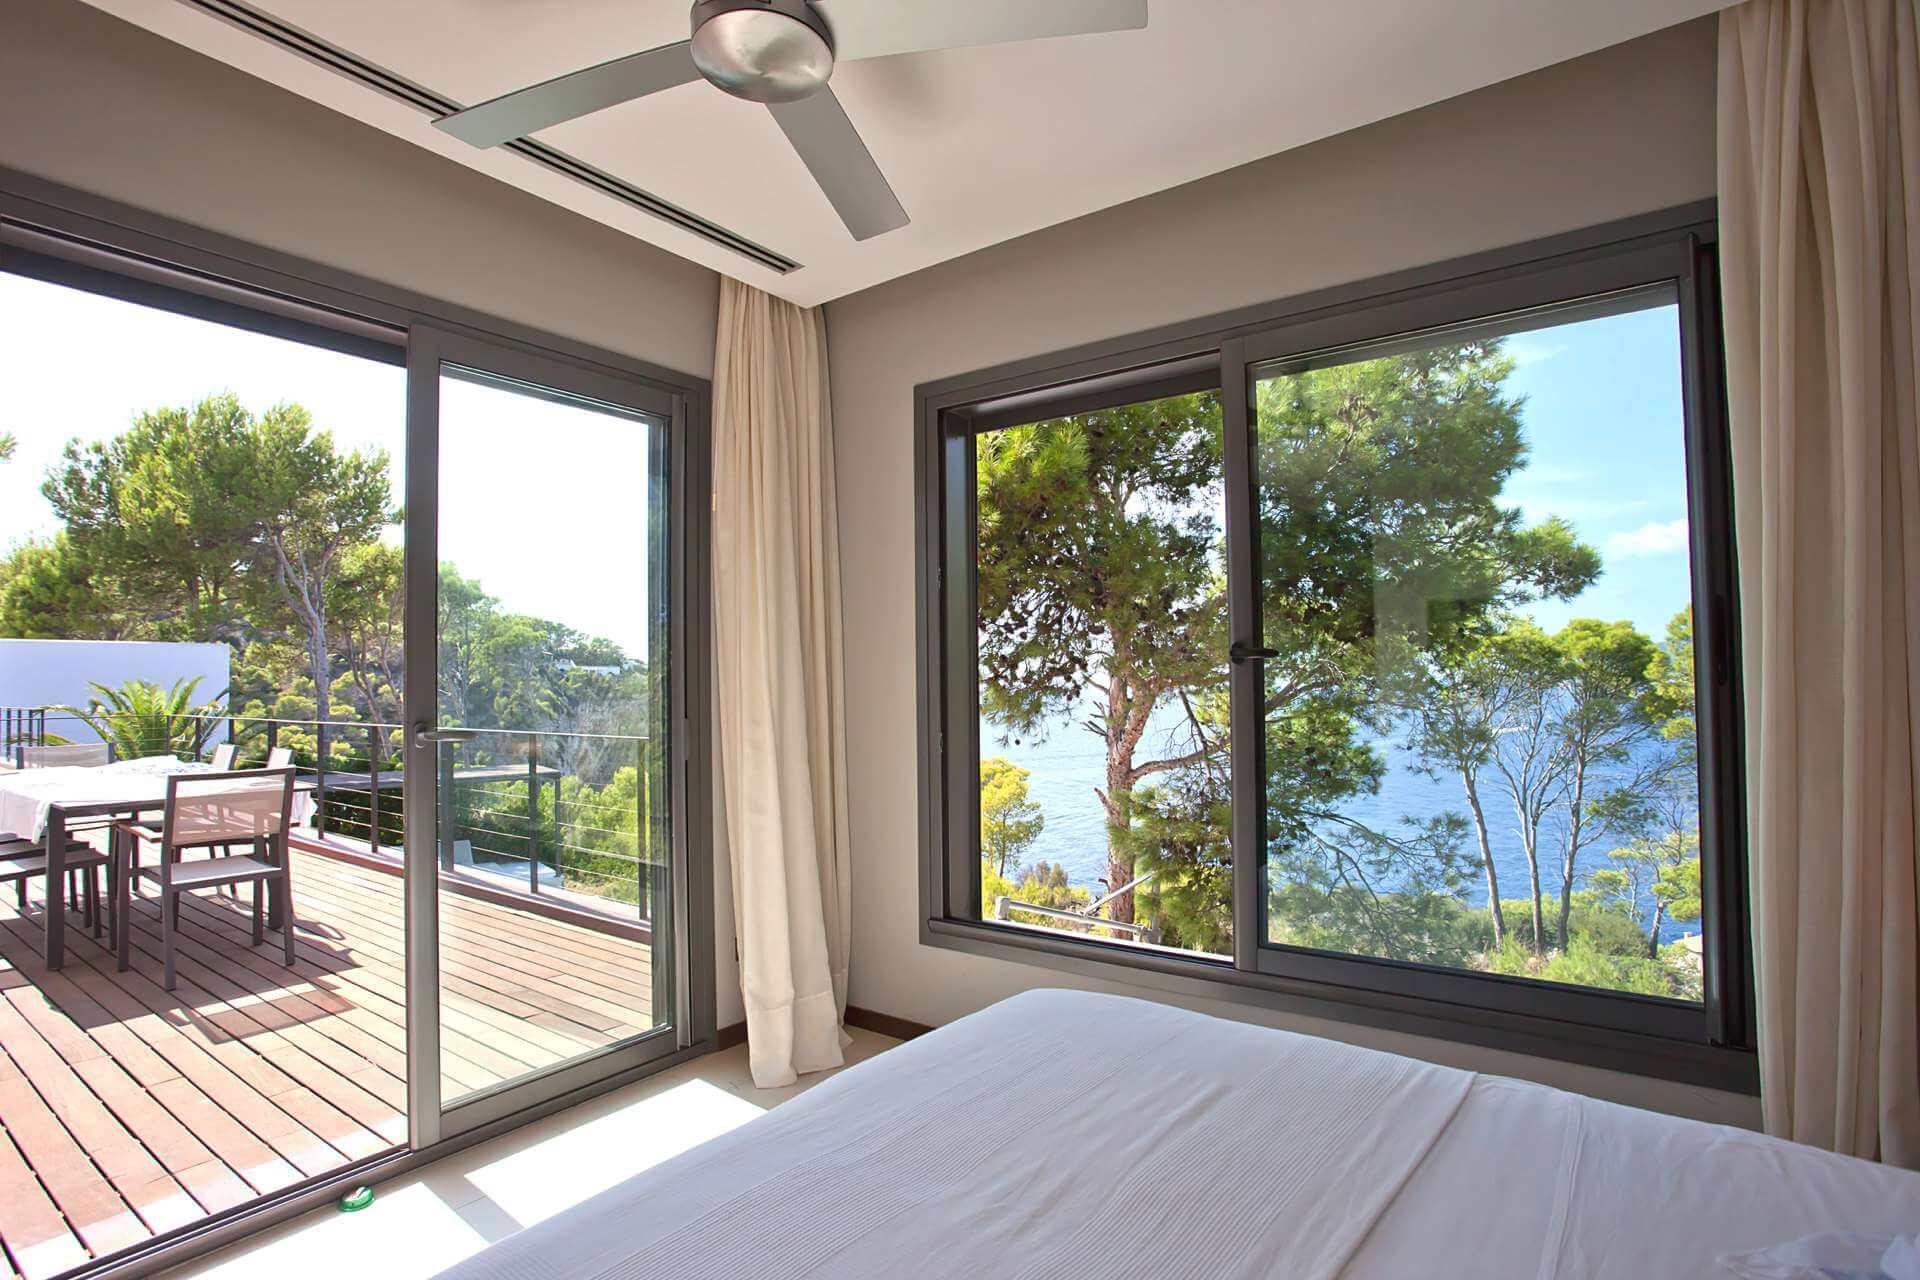 01-332 Sea view Villa Mallorca southwest Bild 26